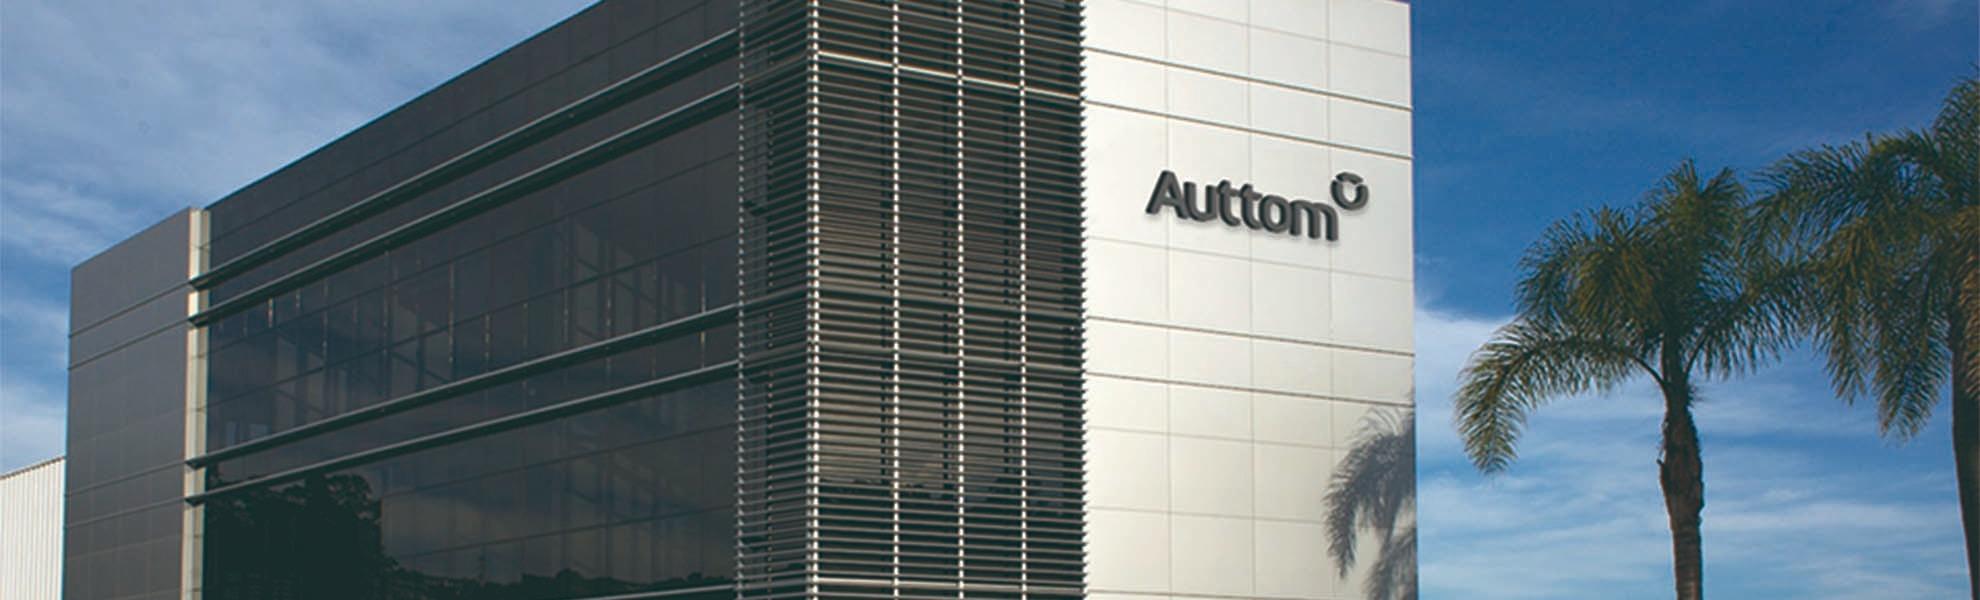 Auttom Automação e Robótica